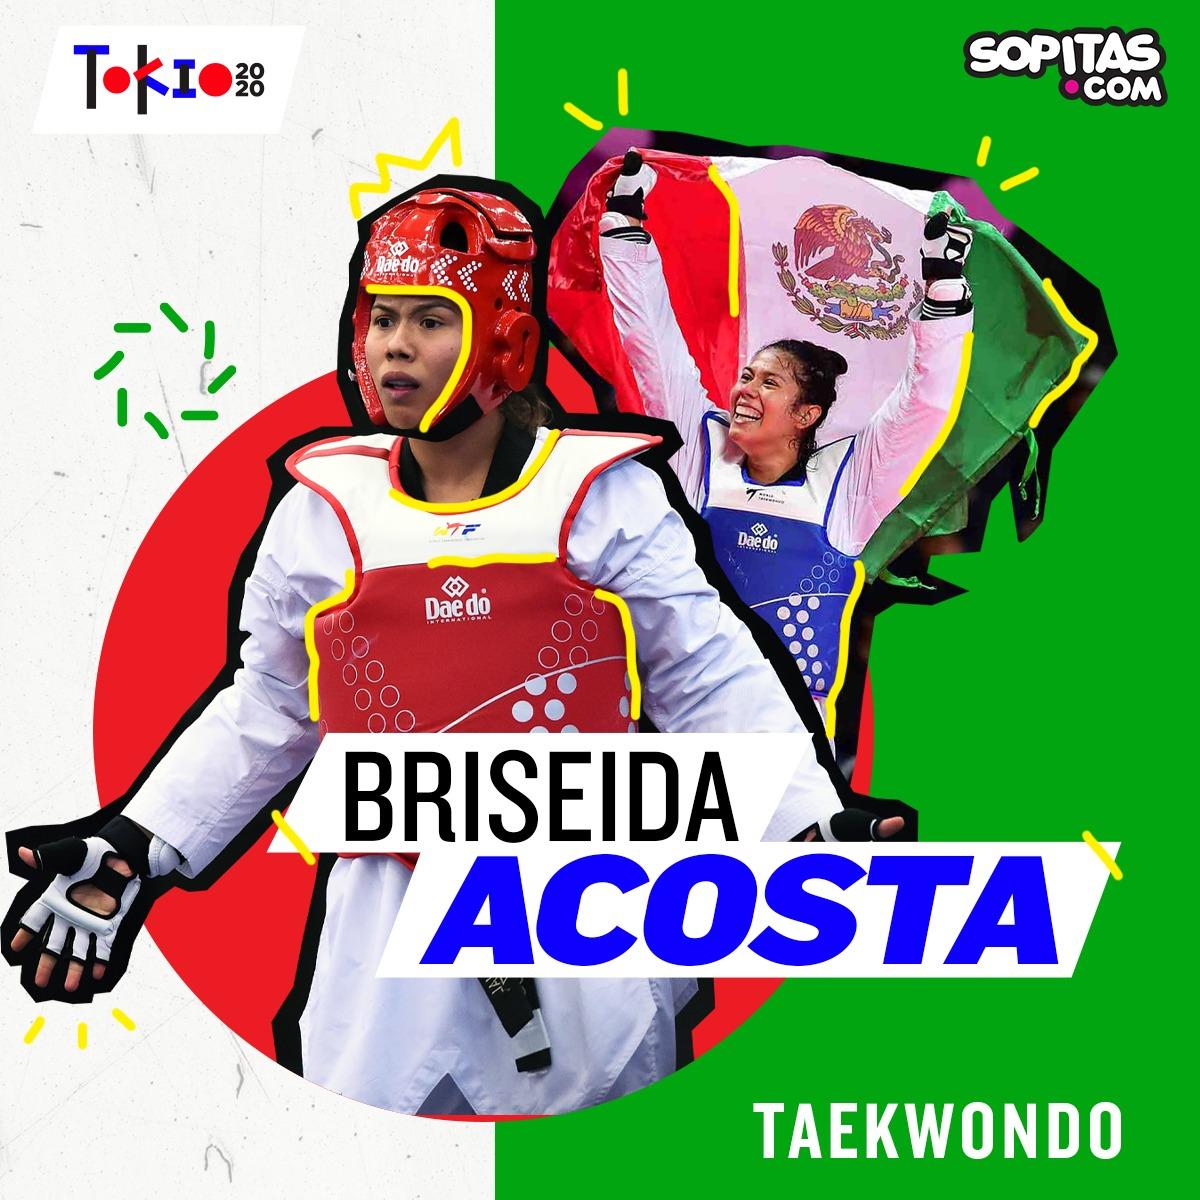 Briseida Acosta en Tokio 2020